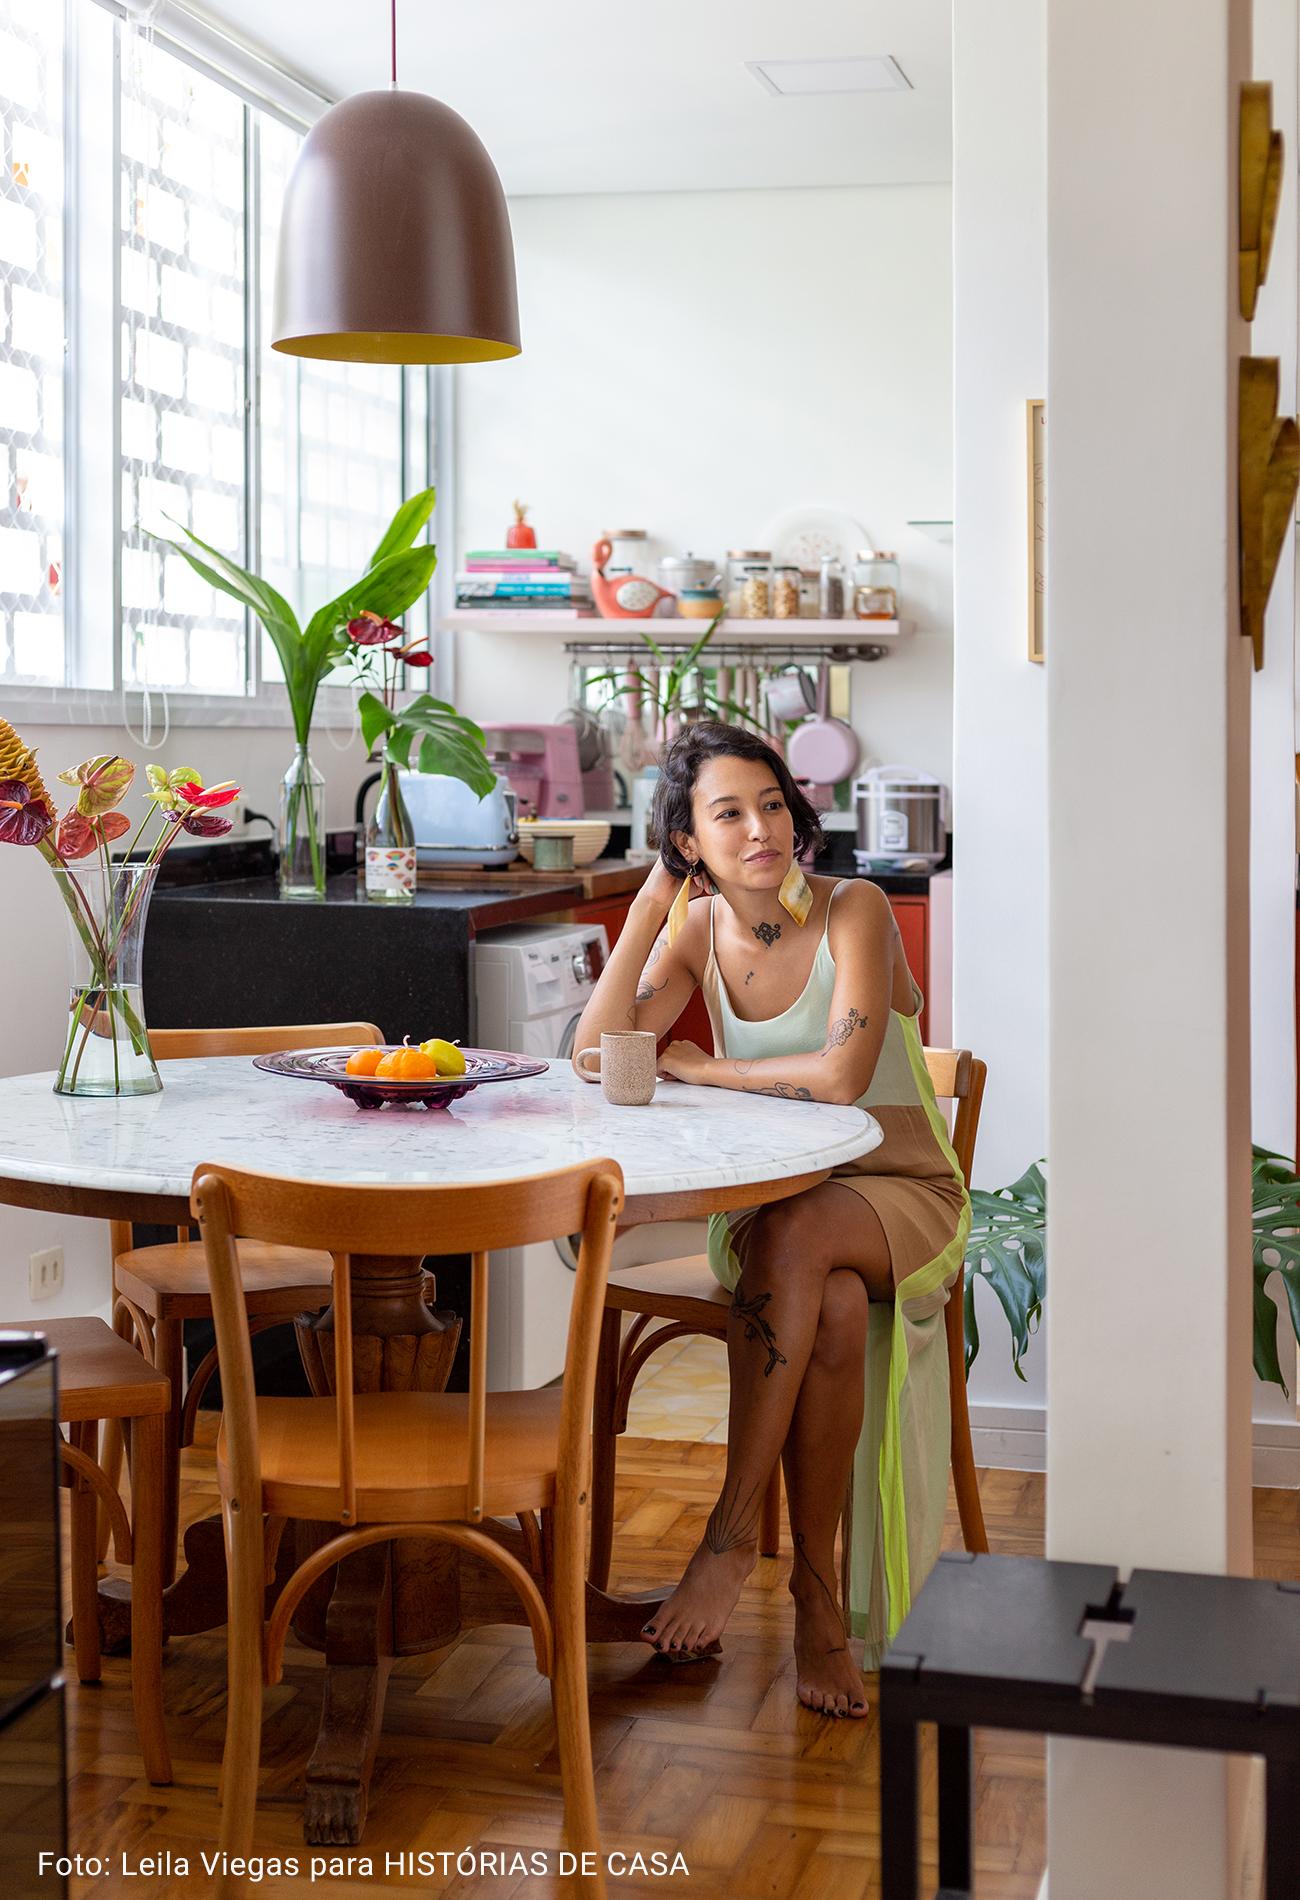 cozinha com moradora na mesa